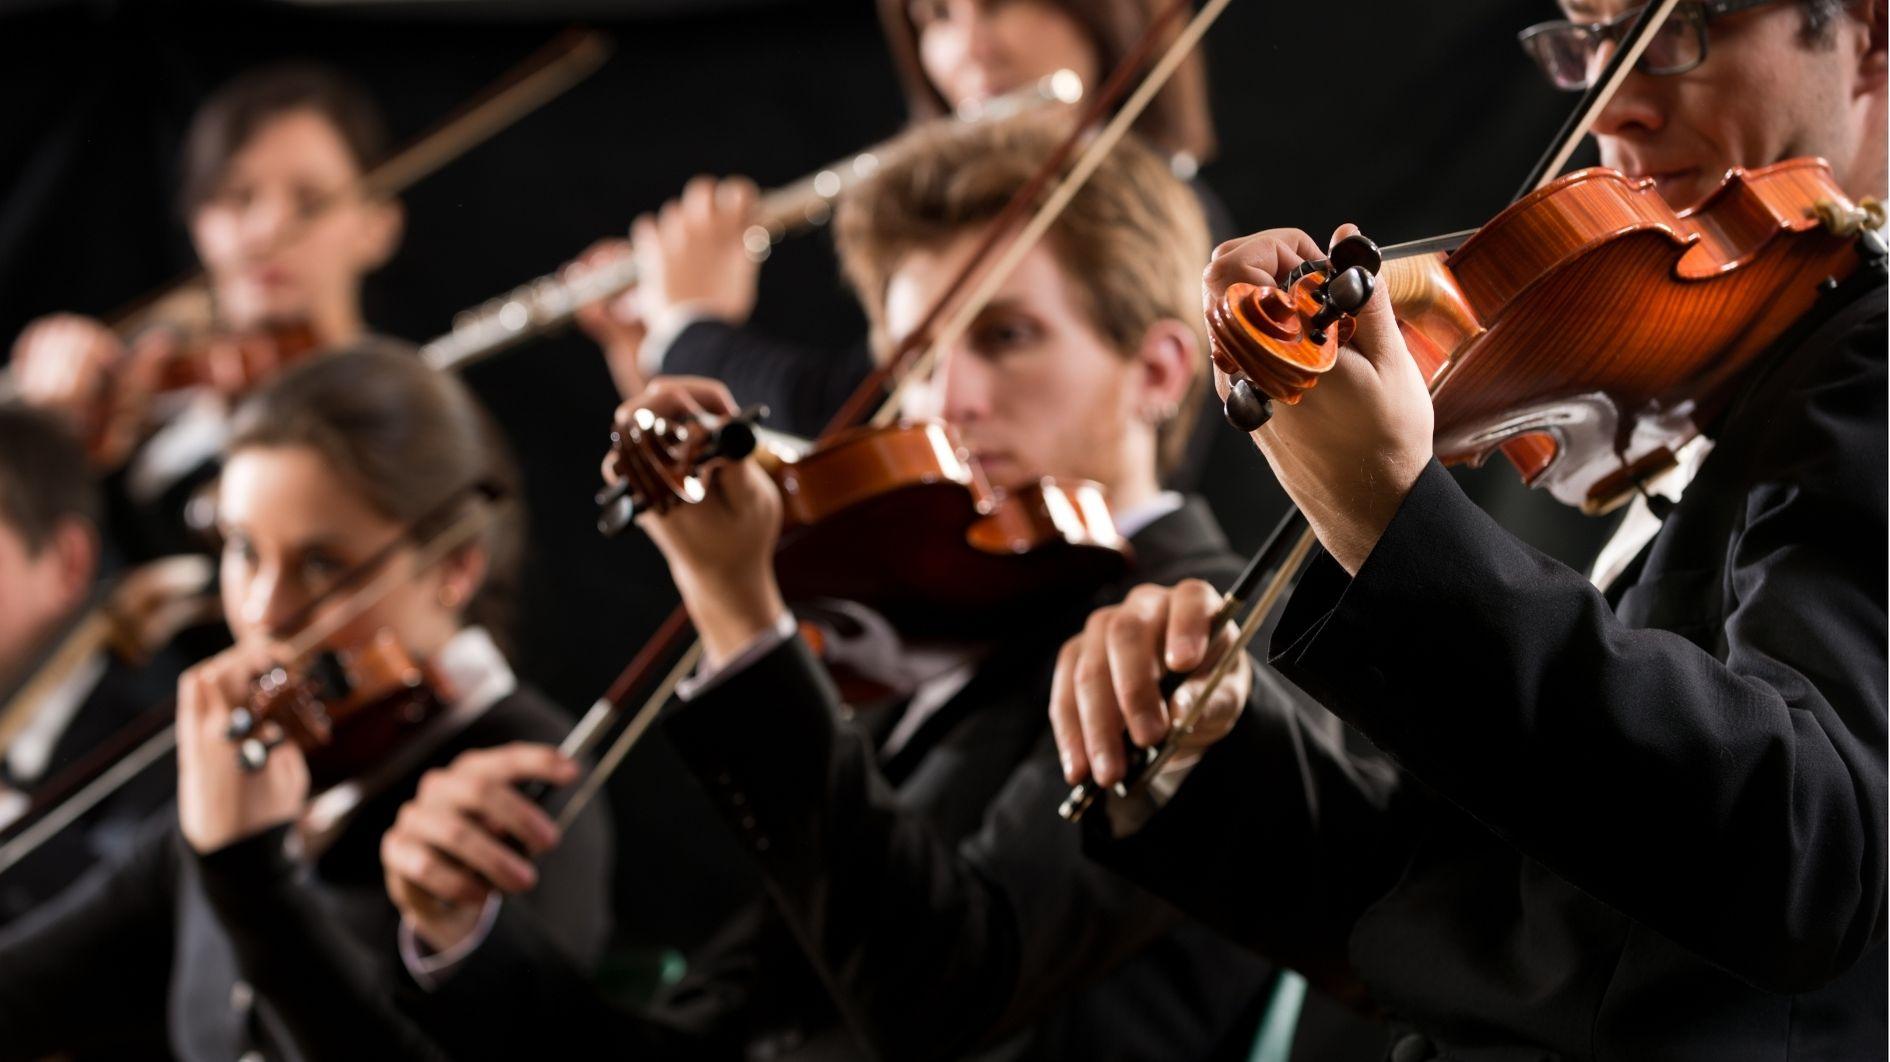 細やかな肉体の制御が音楽の本質である